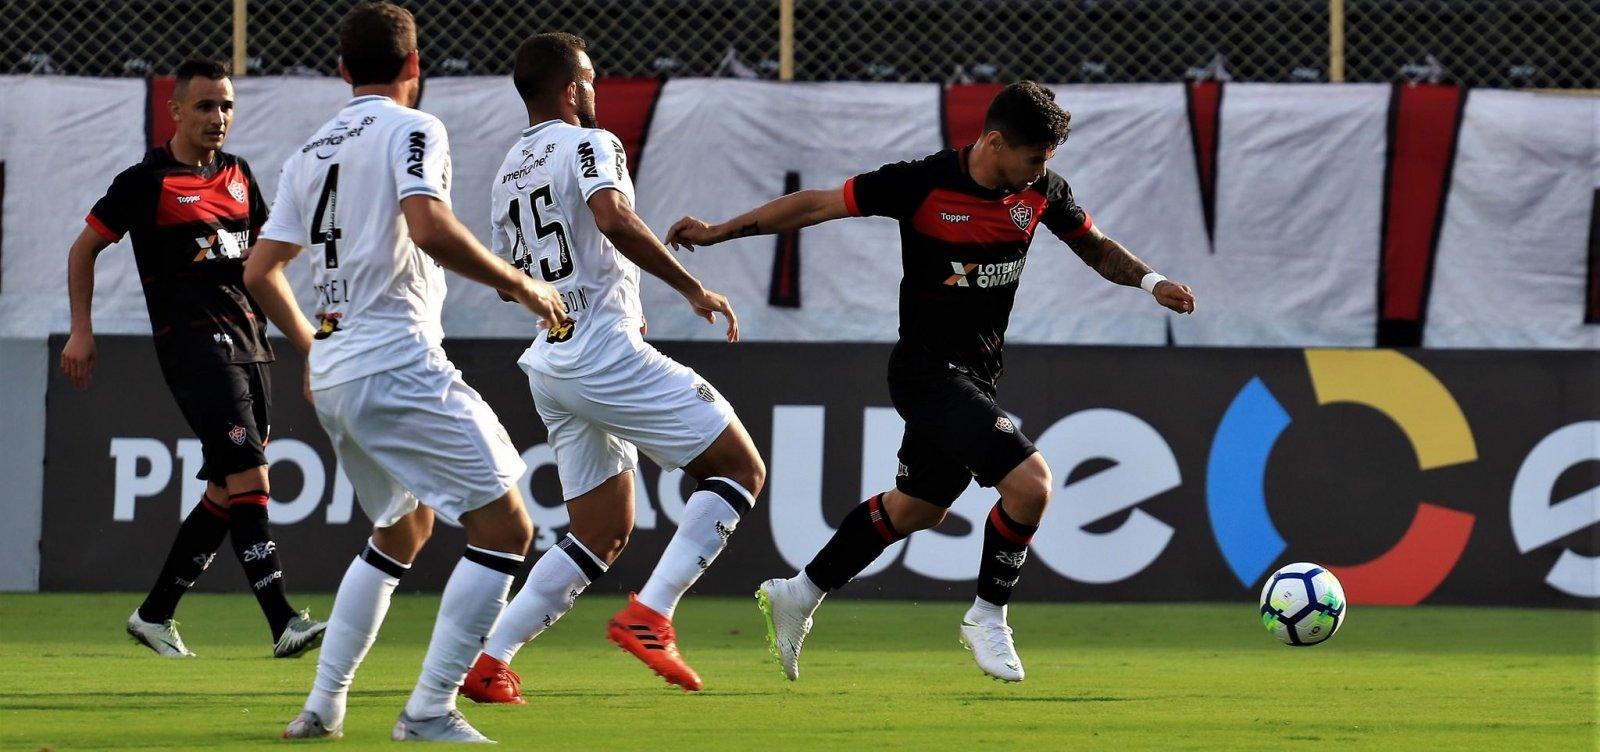 [Vitória vence o Atlético-MG por 1 a 0 e deixa zona de rebaixamento]